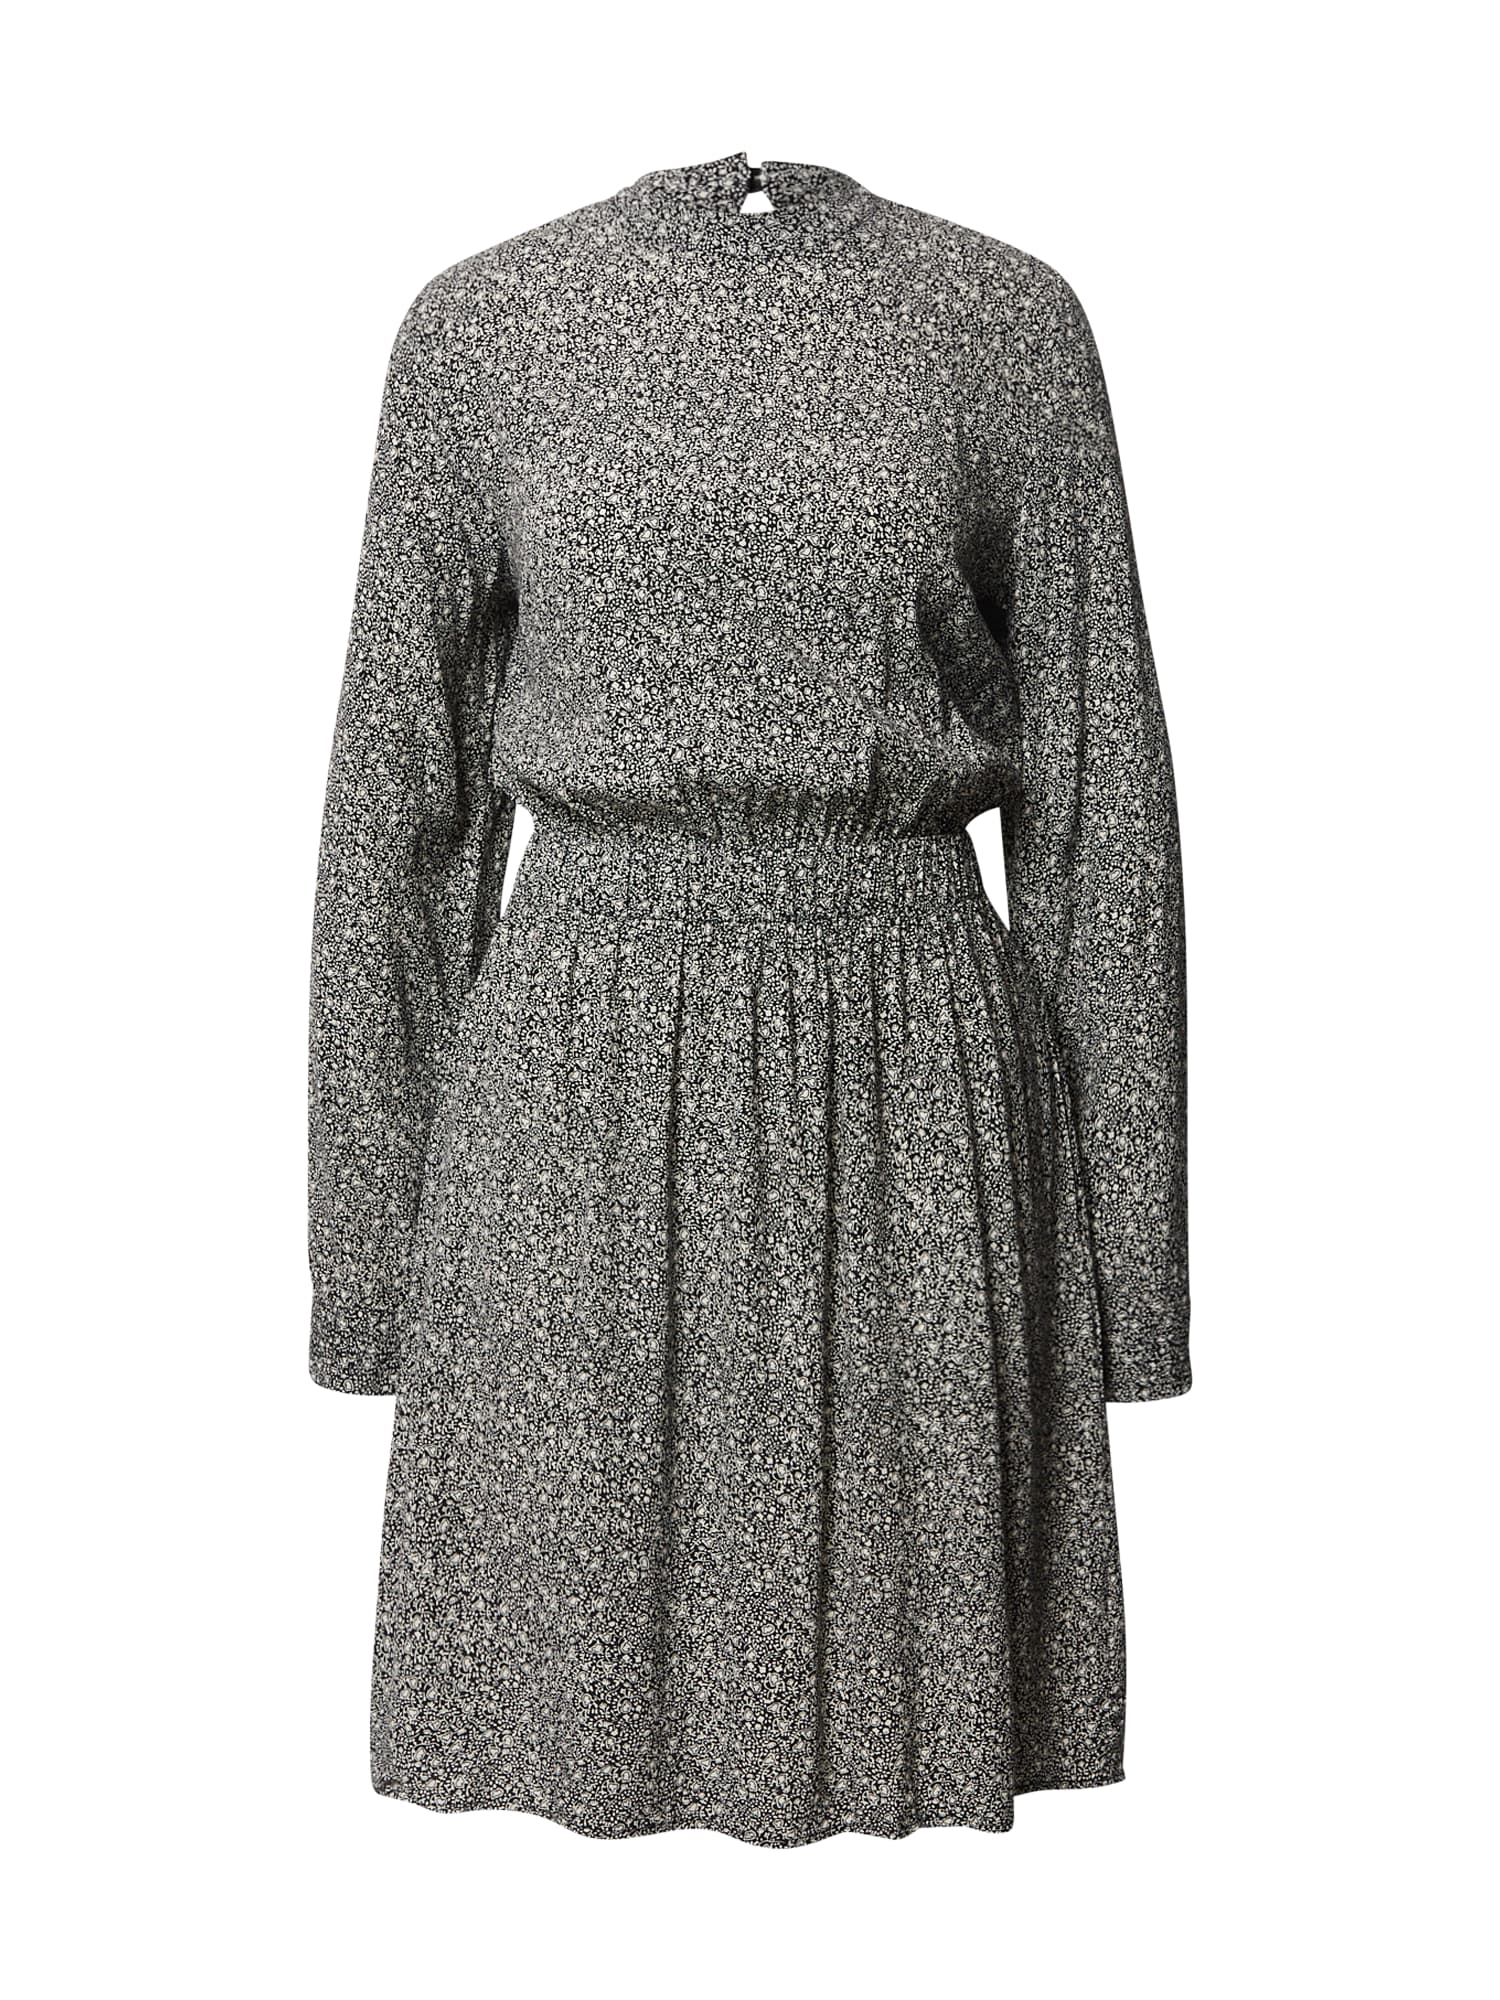 OBJECT Šaty 'Lita'  šedá / bílá